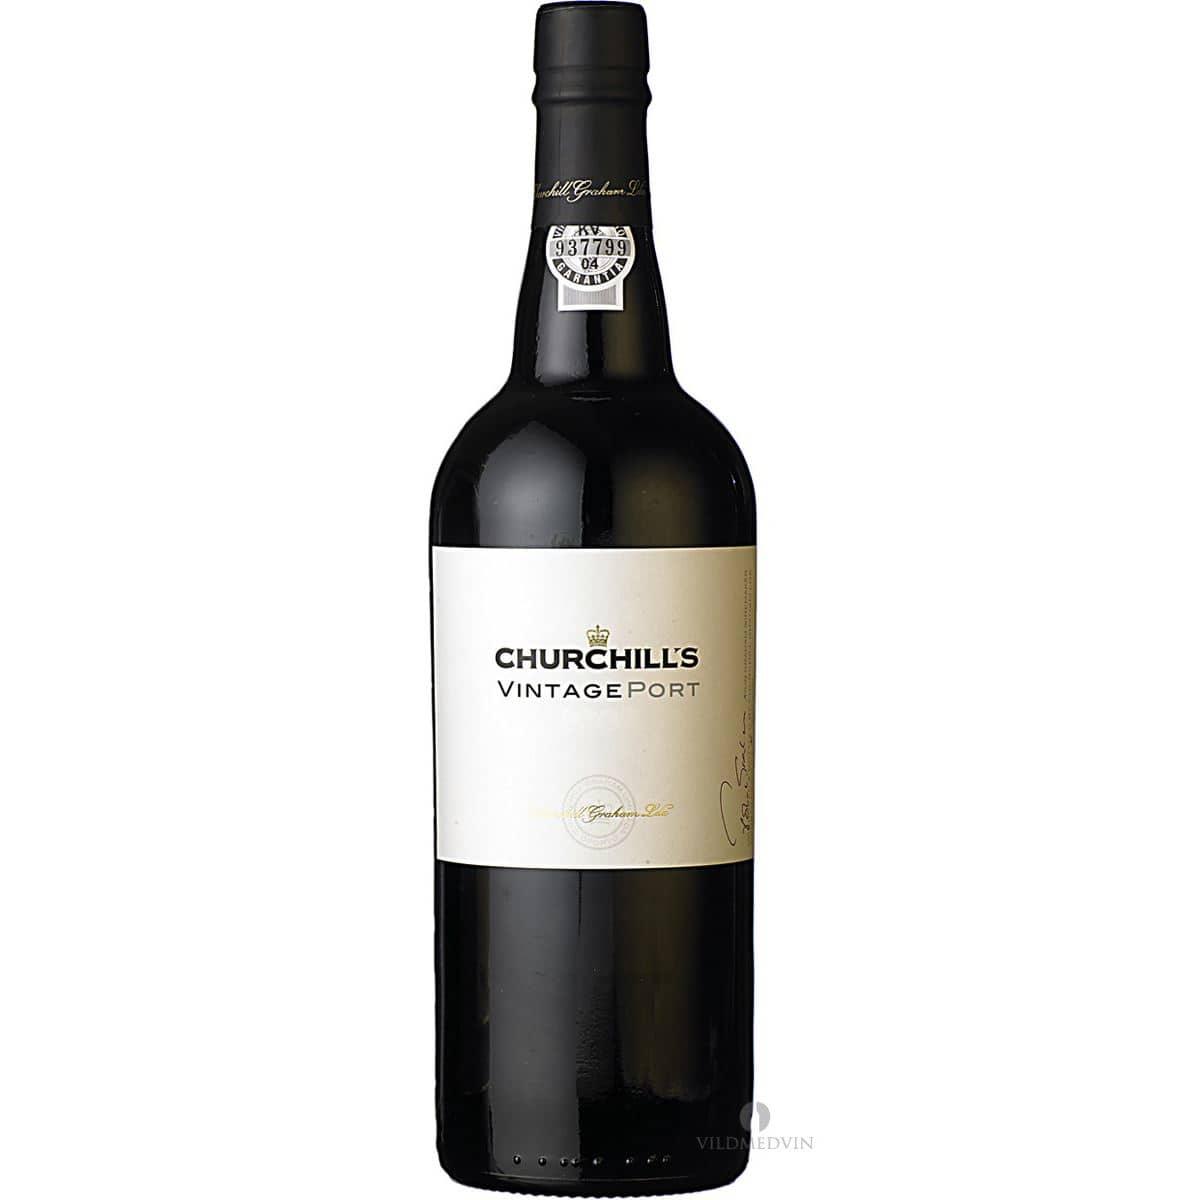 The Surrey Wine Cellar  sc 1 st  The Surrey Wine Cellar & Churchills Quinta de Gricha | The Surrey Wine Cellar